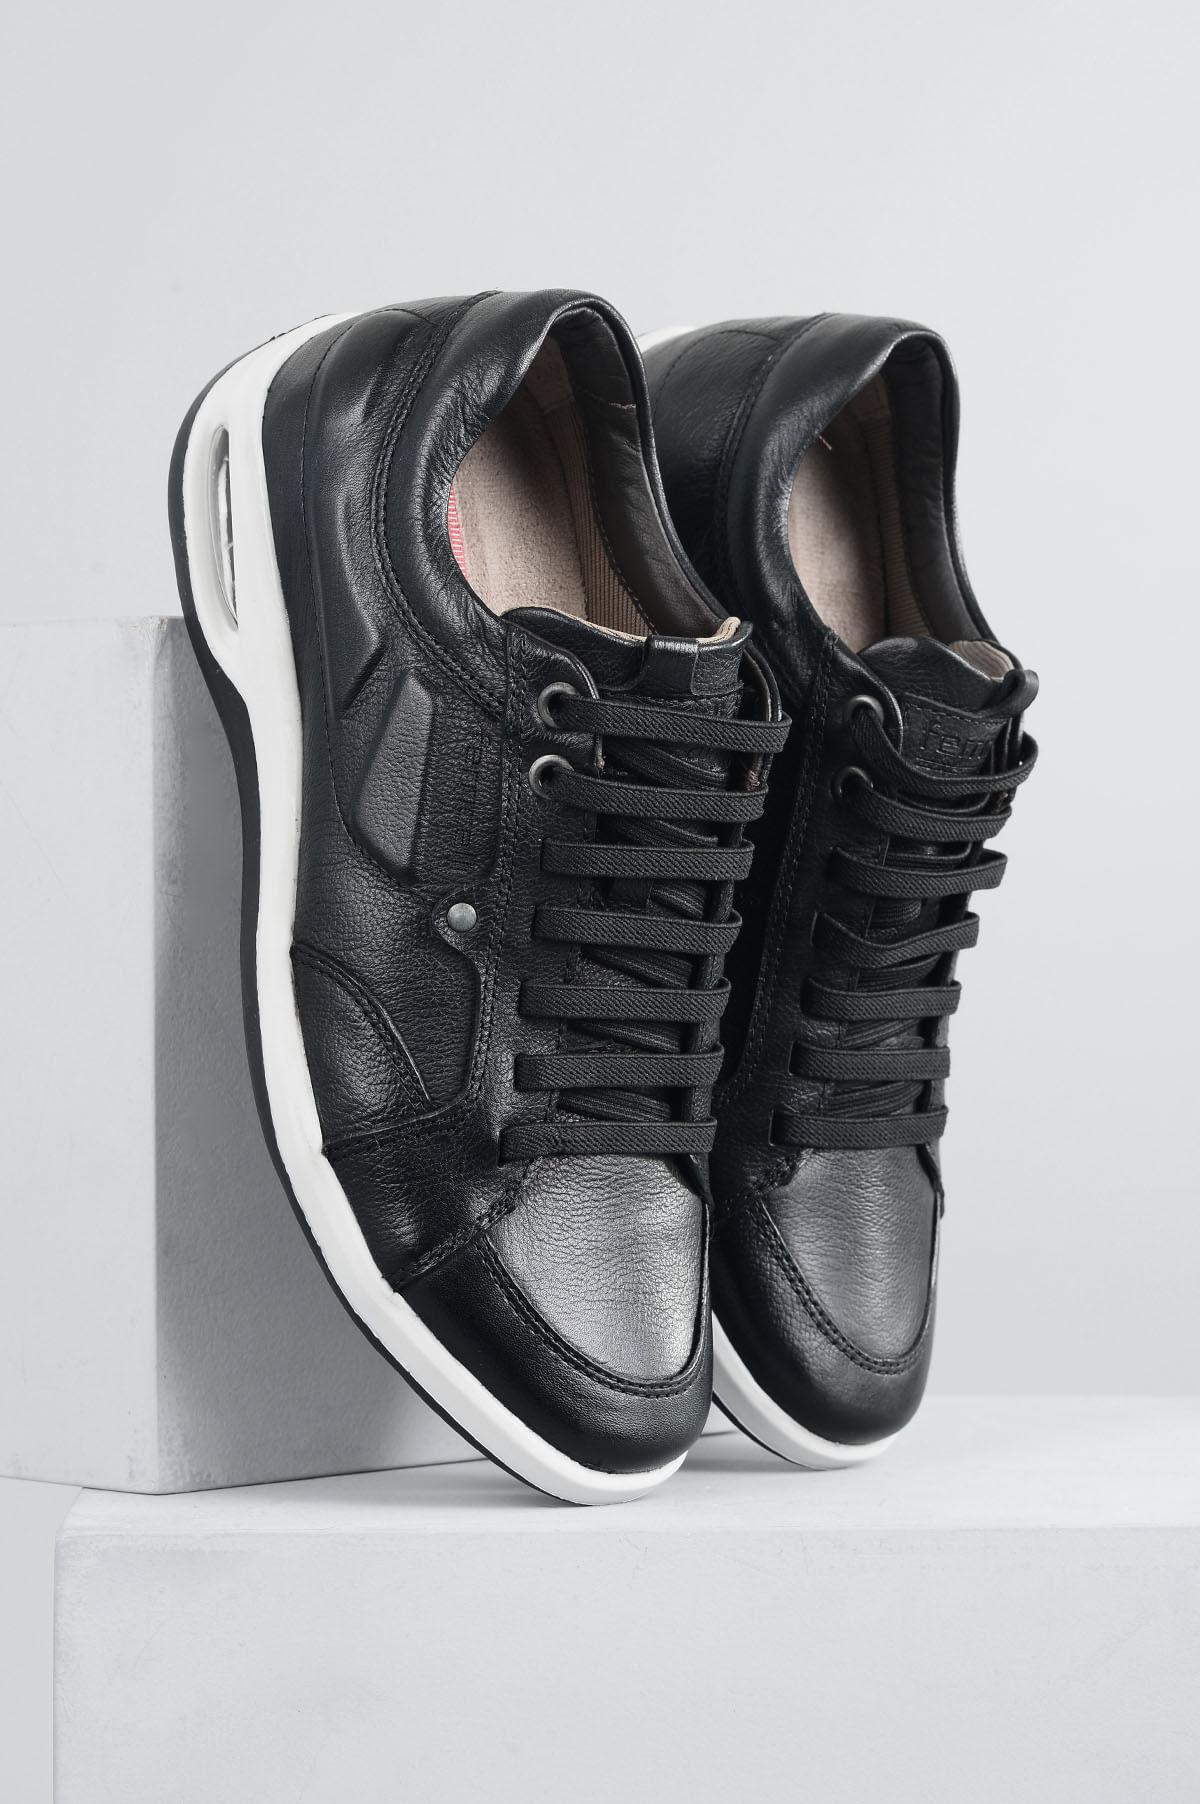 3c3b8da2e Sapatênis Masculino Ferricelli Patrick CR-PRETO - Mundial Calçados